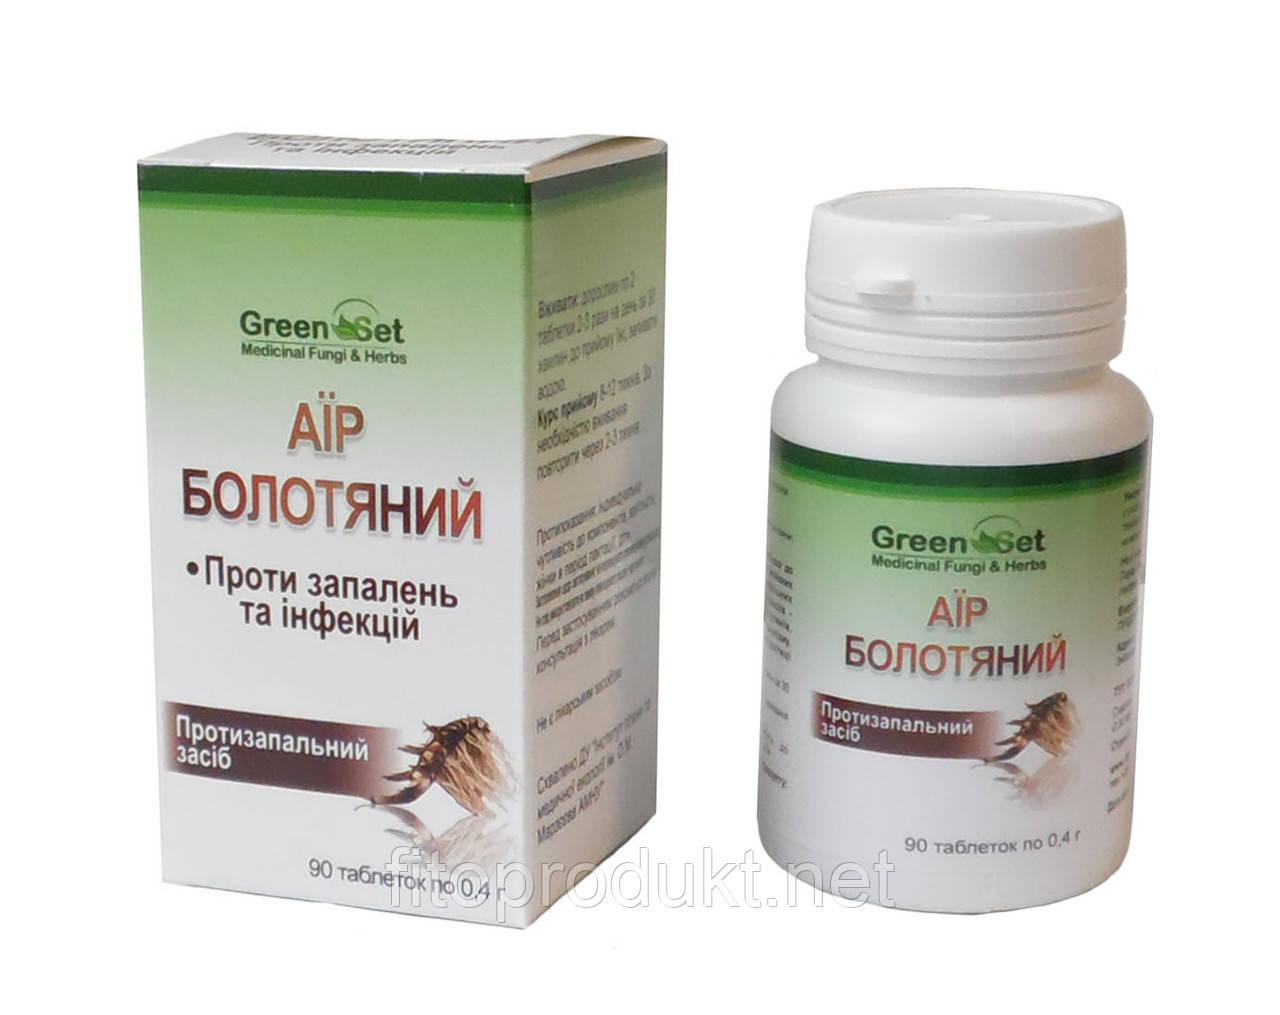 Аир - болотный против воспалений и инфекций 90 таблеток Гринсет